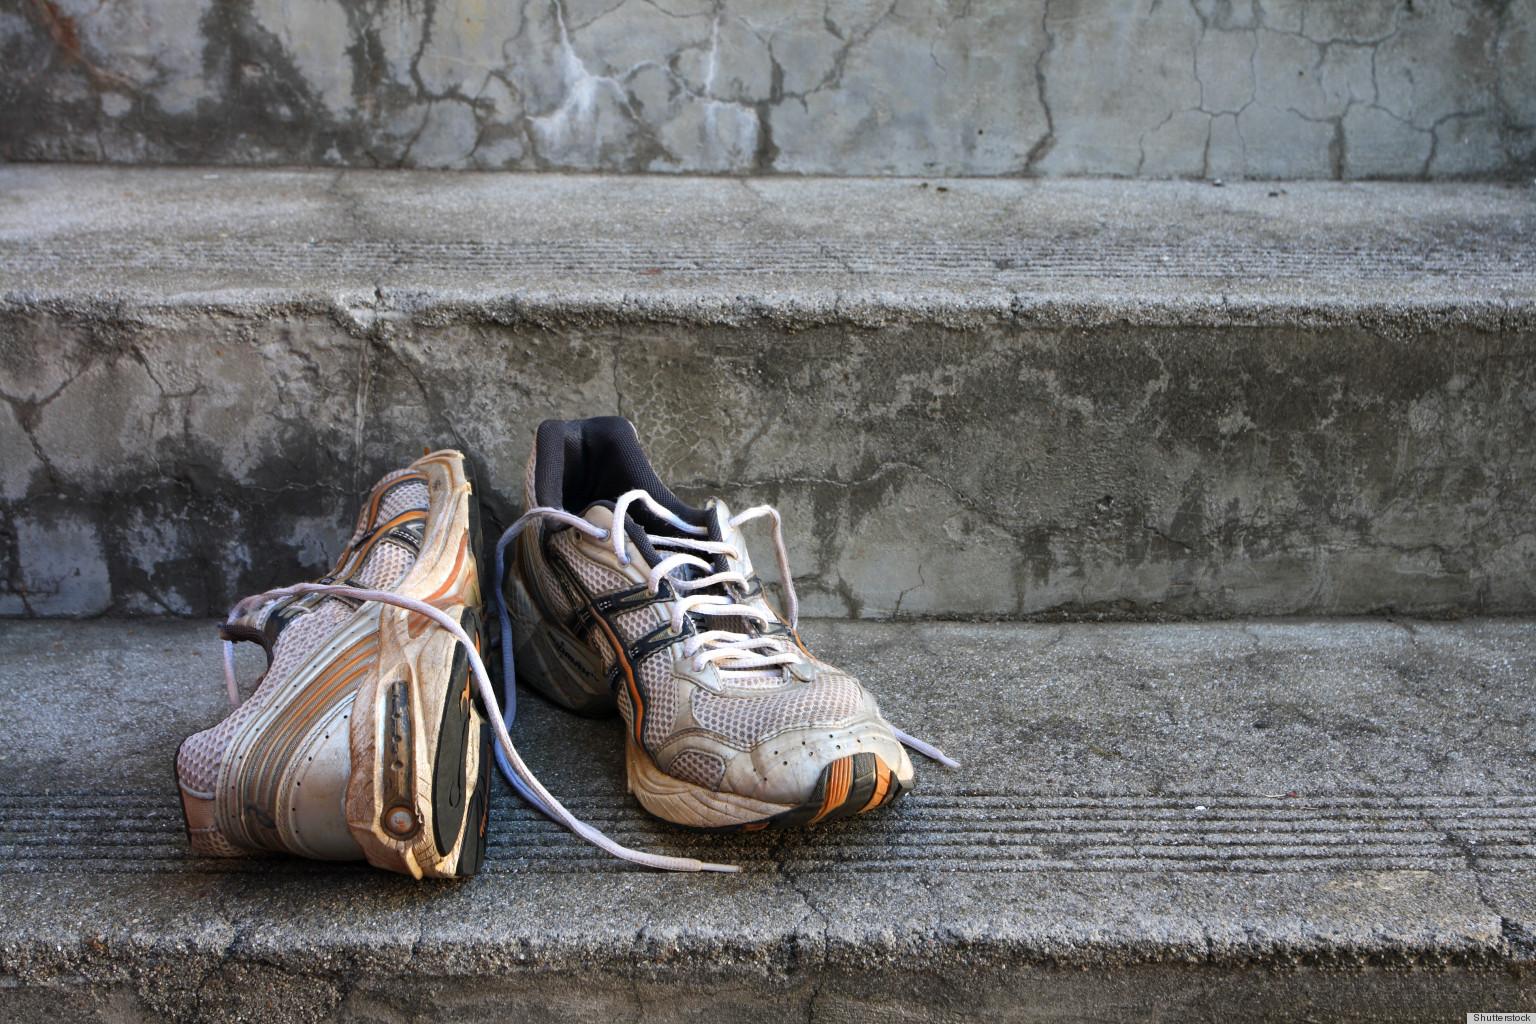 mauvaises odeurs comment d sodoriser des chaussures qui sentent mauvais. Black Bedroom Furniture Sets. Home Design Ideas